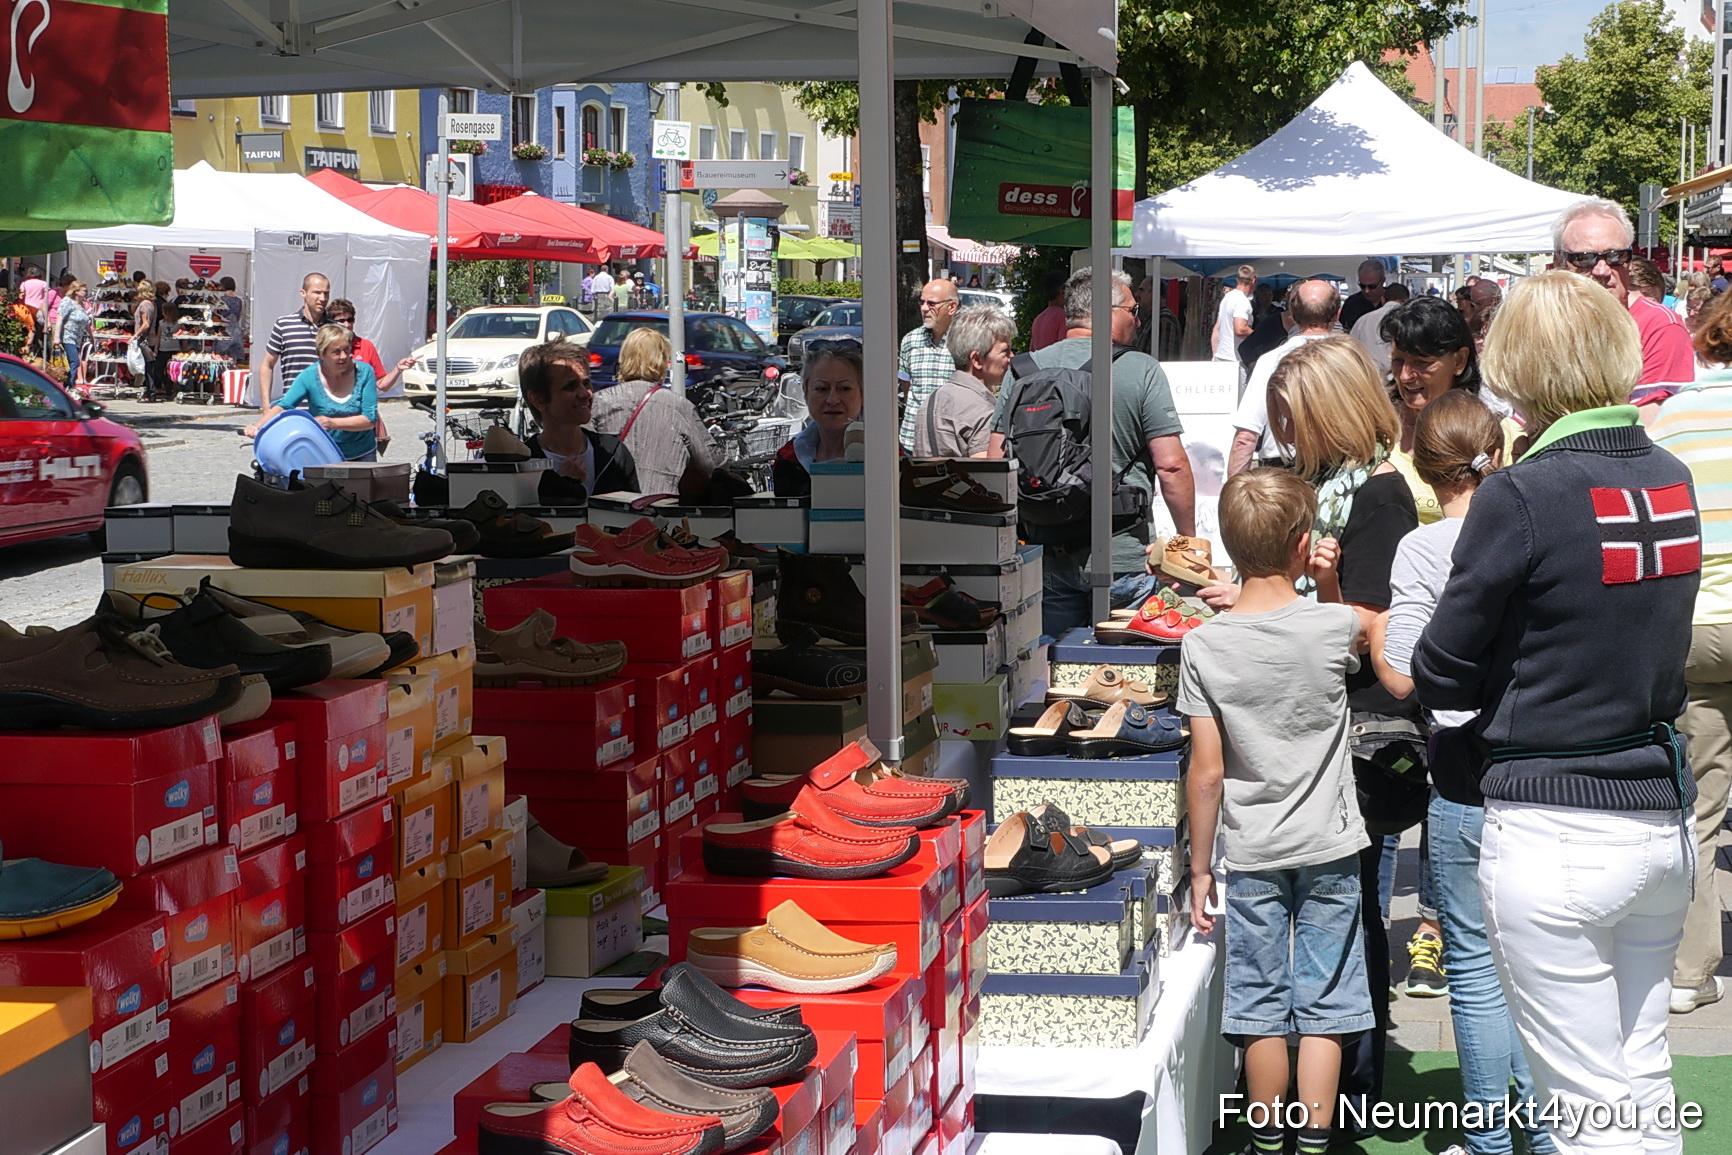 06.07.2019 Sommer-Schnäppchenmarkt